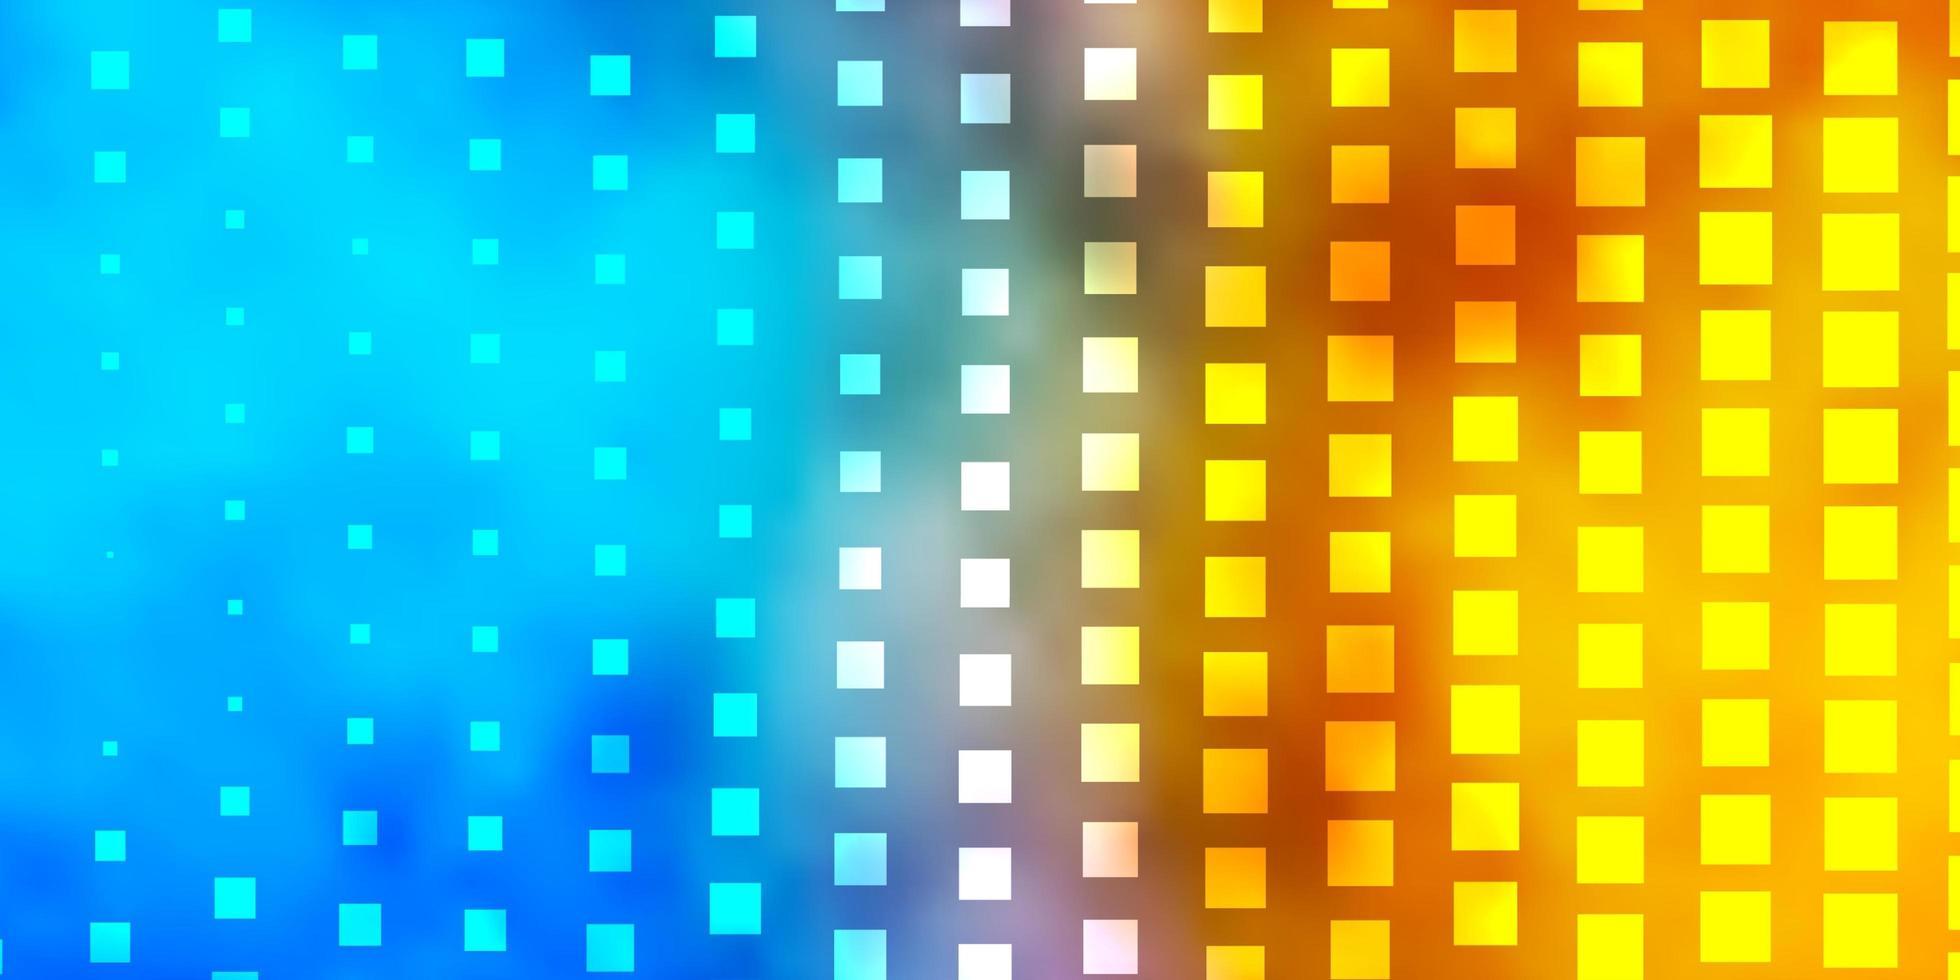 pano de fundo vector azul e amarelo claro com retângulos.